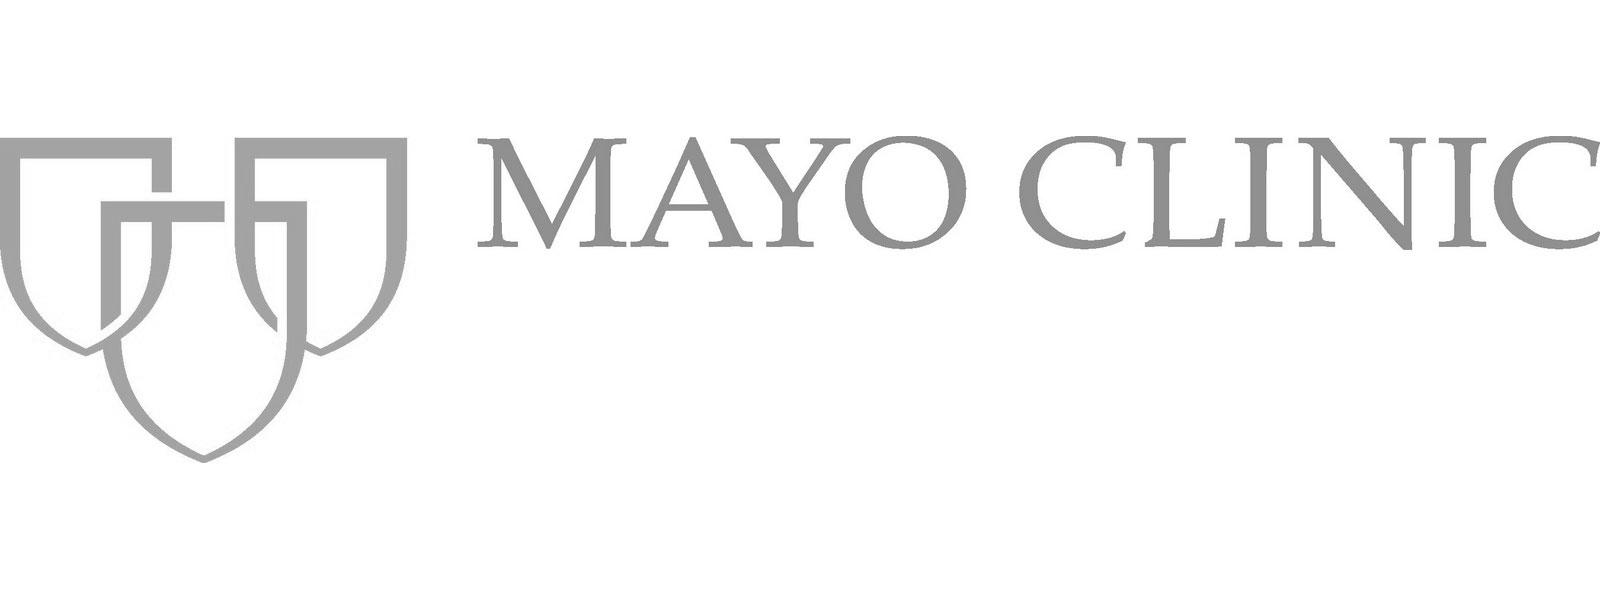 mayo-horizontal.jpg